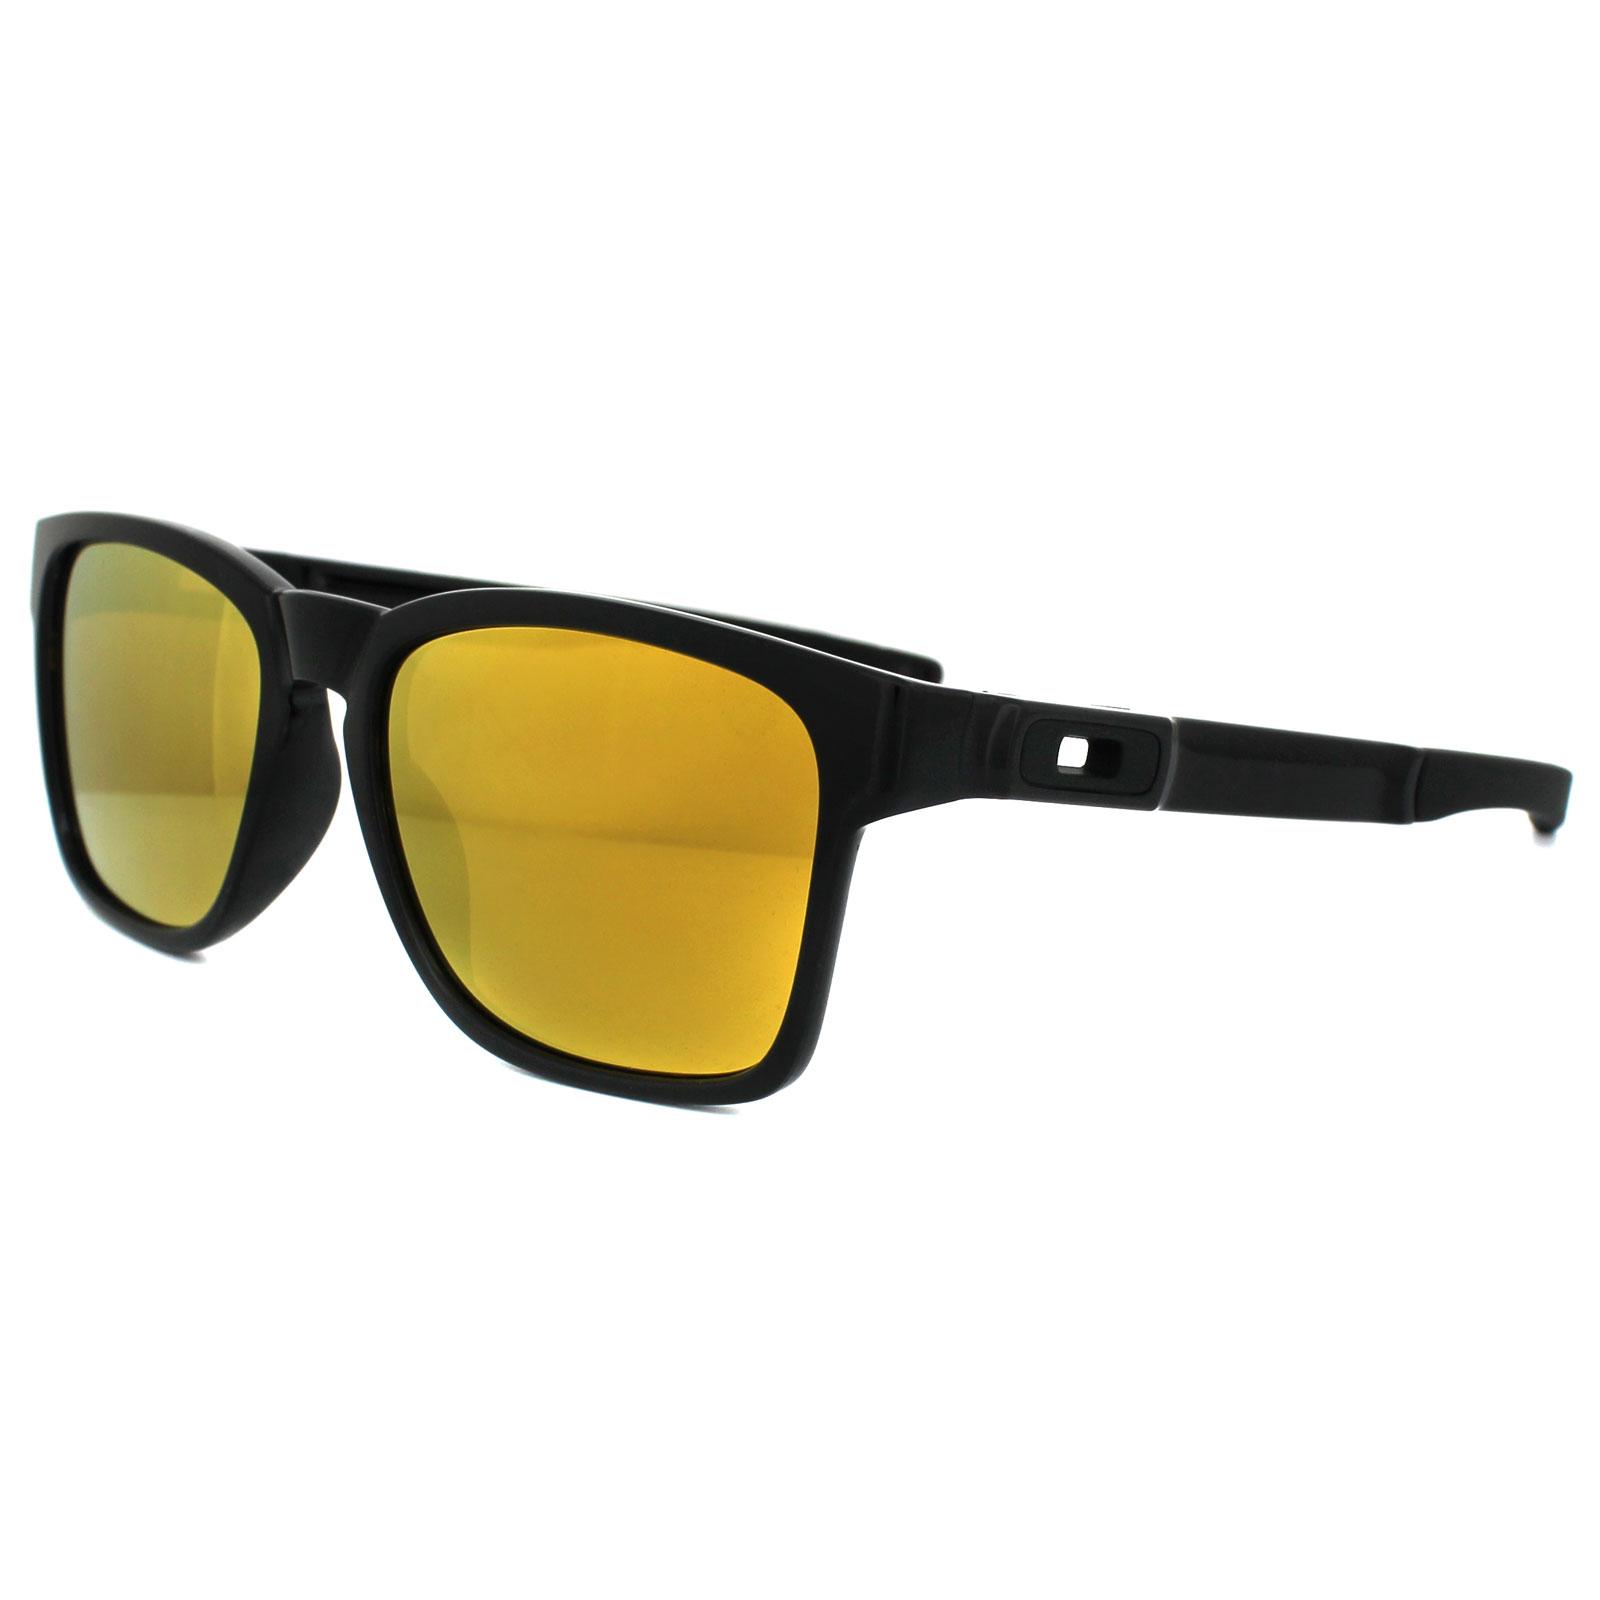 5201714734 Sentinel Oakley Sunglasses Catalyst OO9272-04 Polished Black 24K Iridium